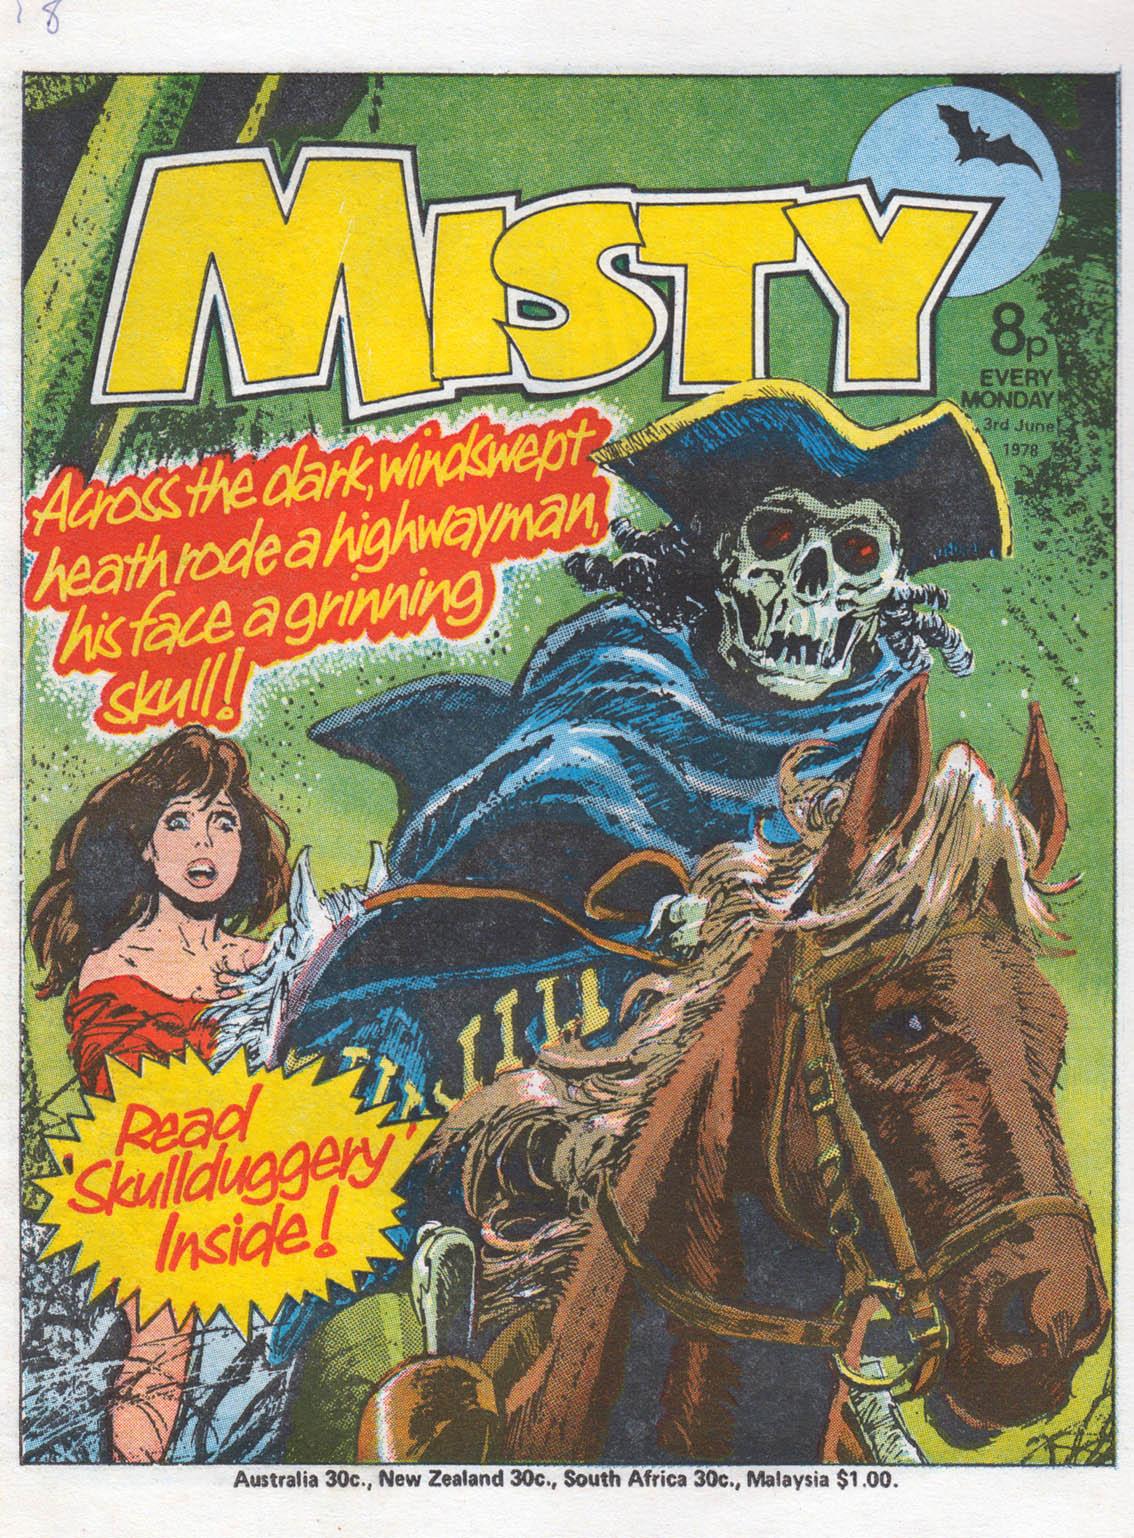 MISTY_2.6.78cover.jpg